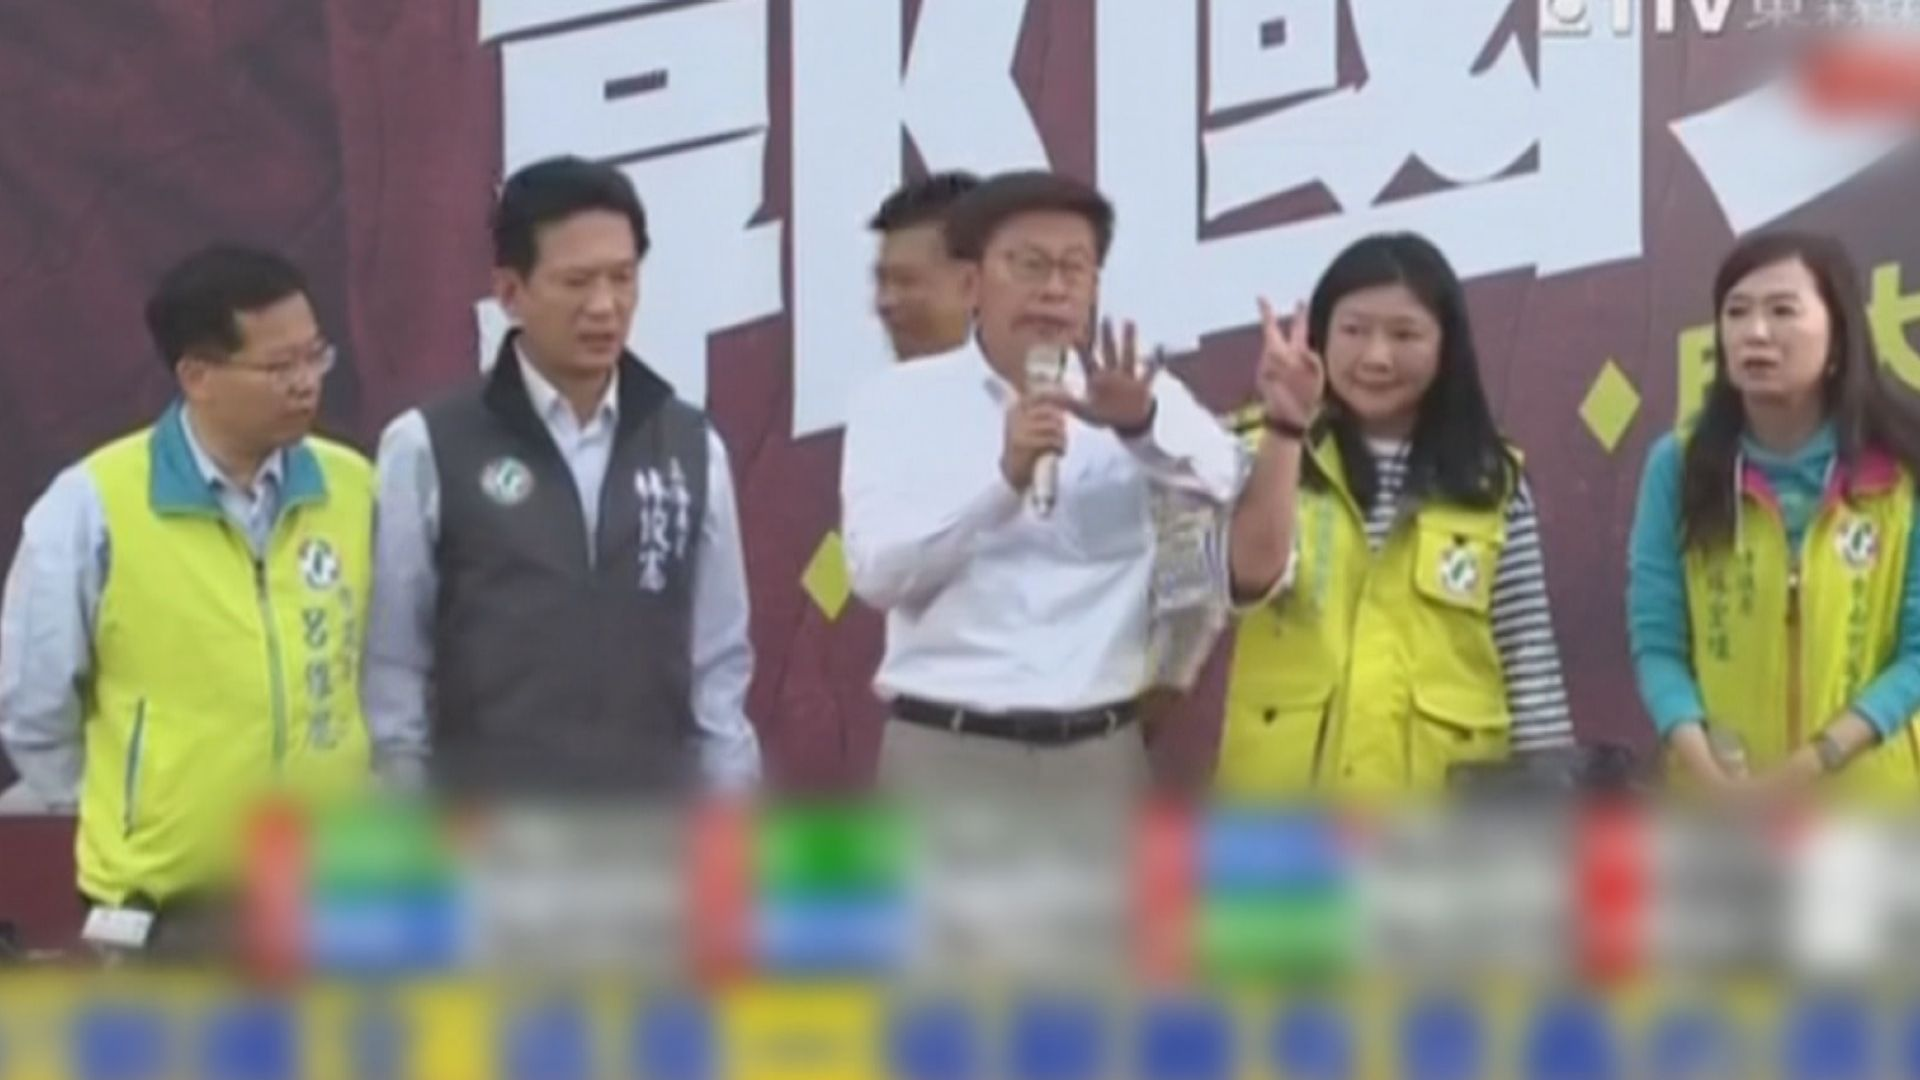 立委補選民進黨將保住台南新北